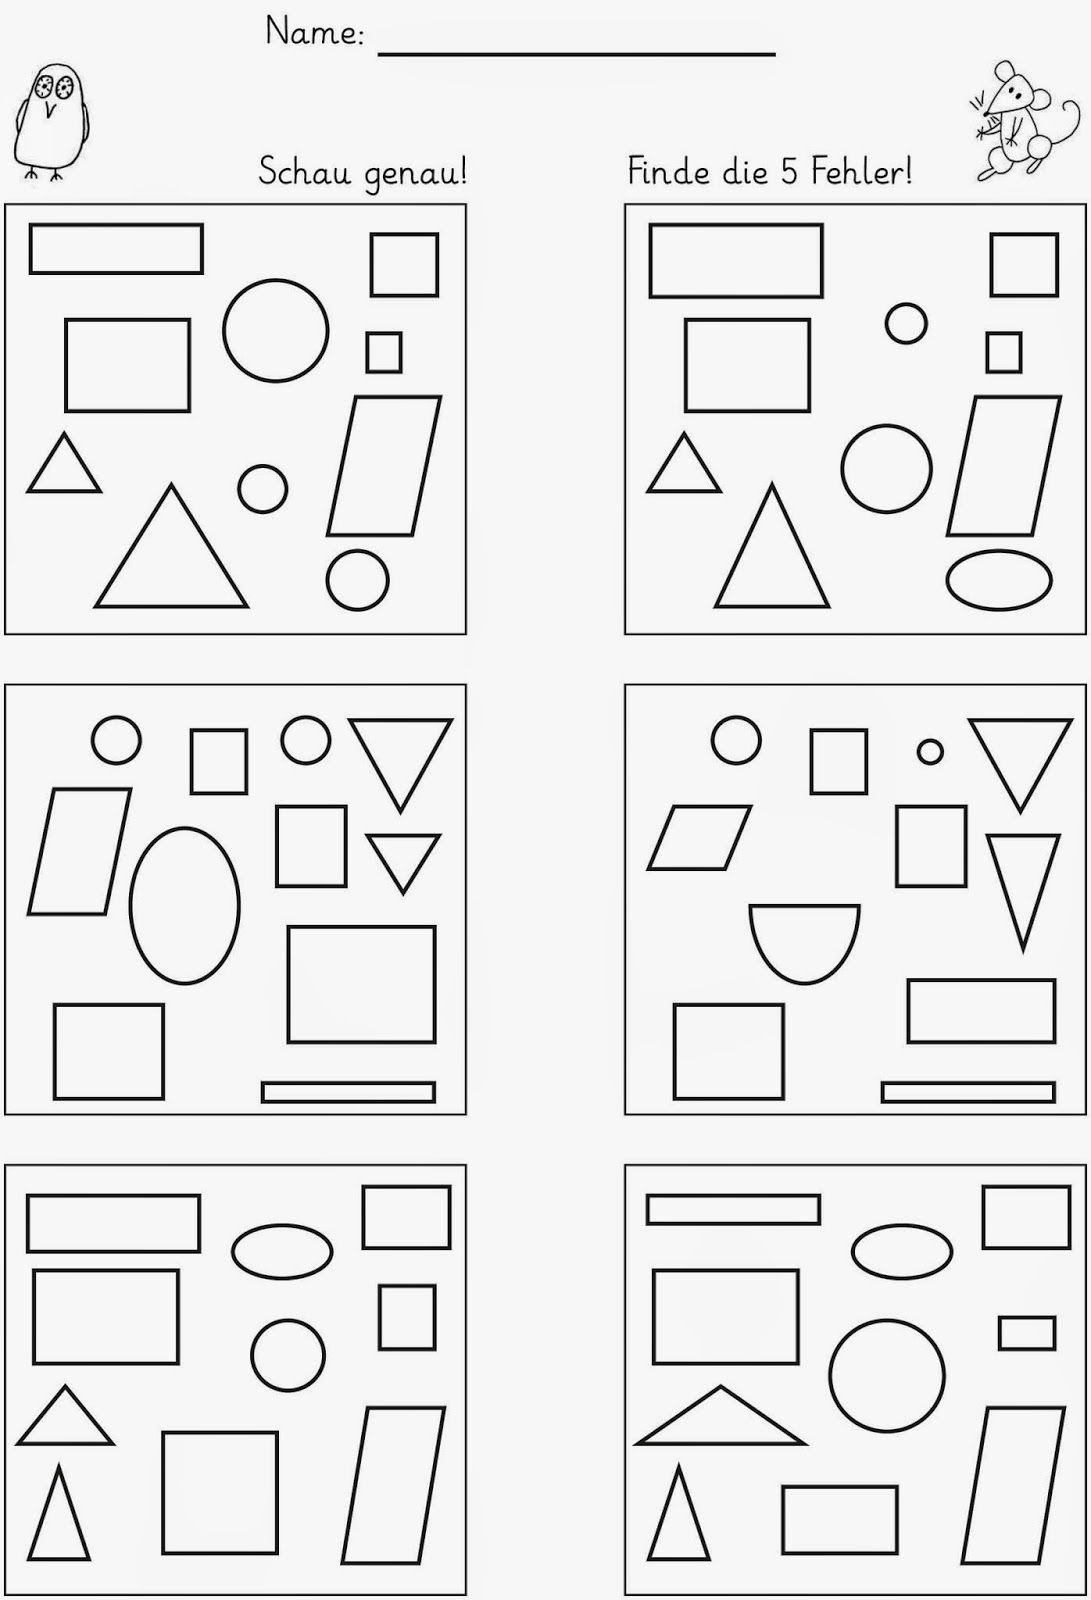 Unterschiede Finden (Mit Bildern) | Lernen, Arbeitsblätter bei Mathematik Vorschule Arbeitsblätter Kostenlos